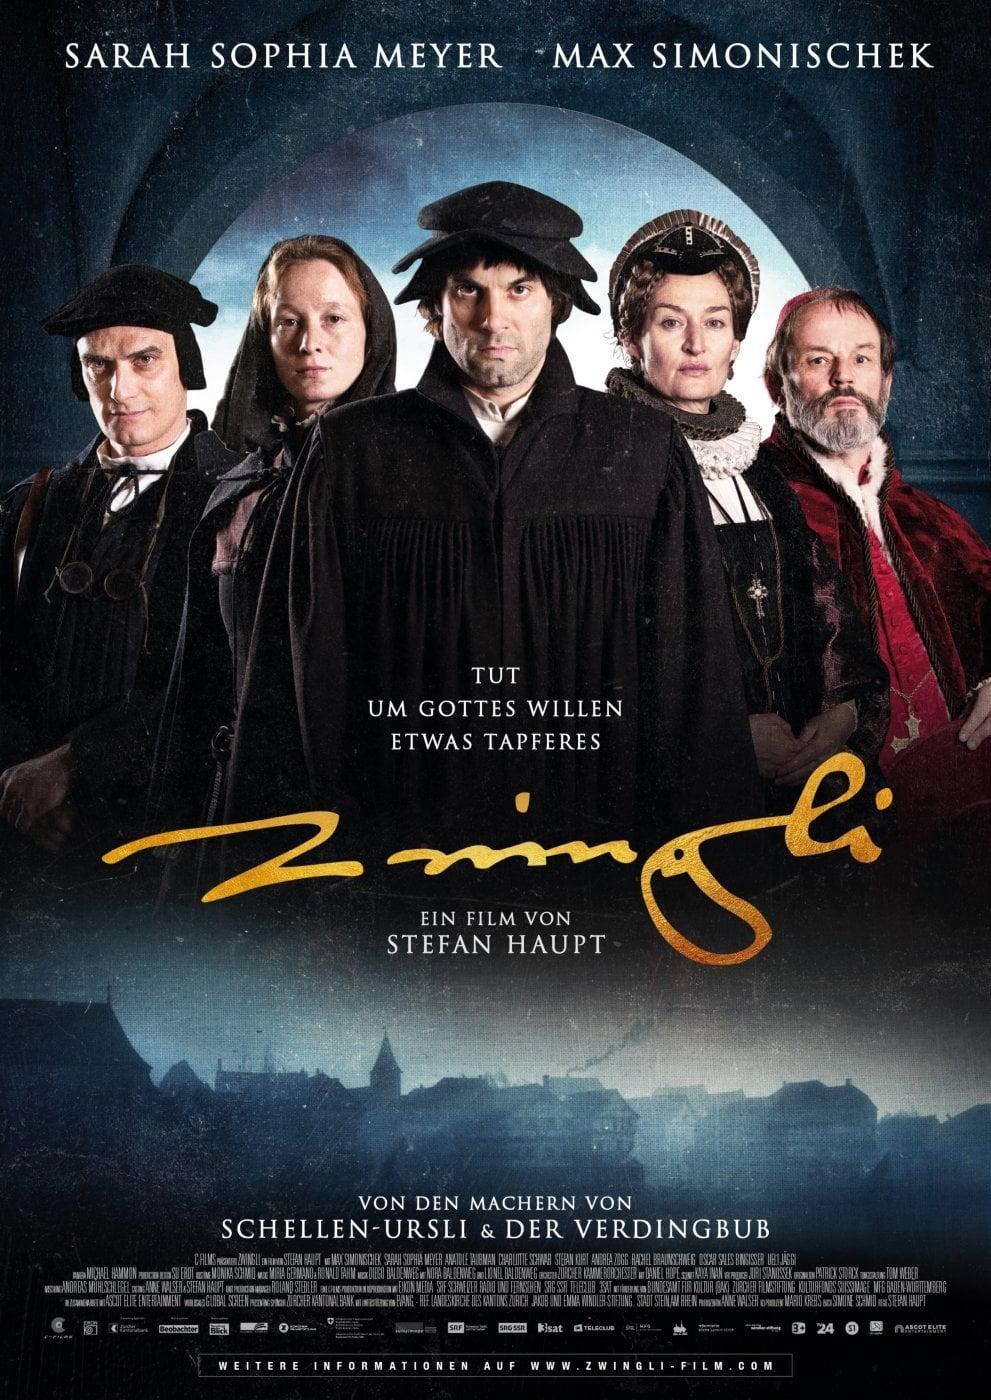 Zwingli